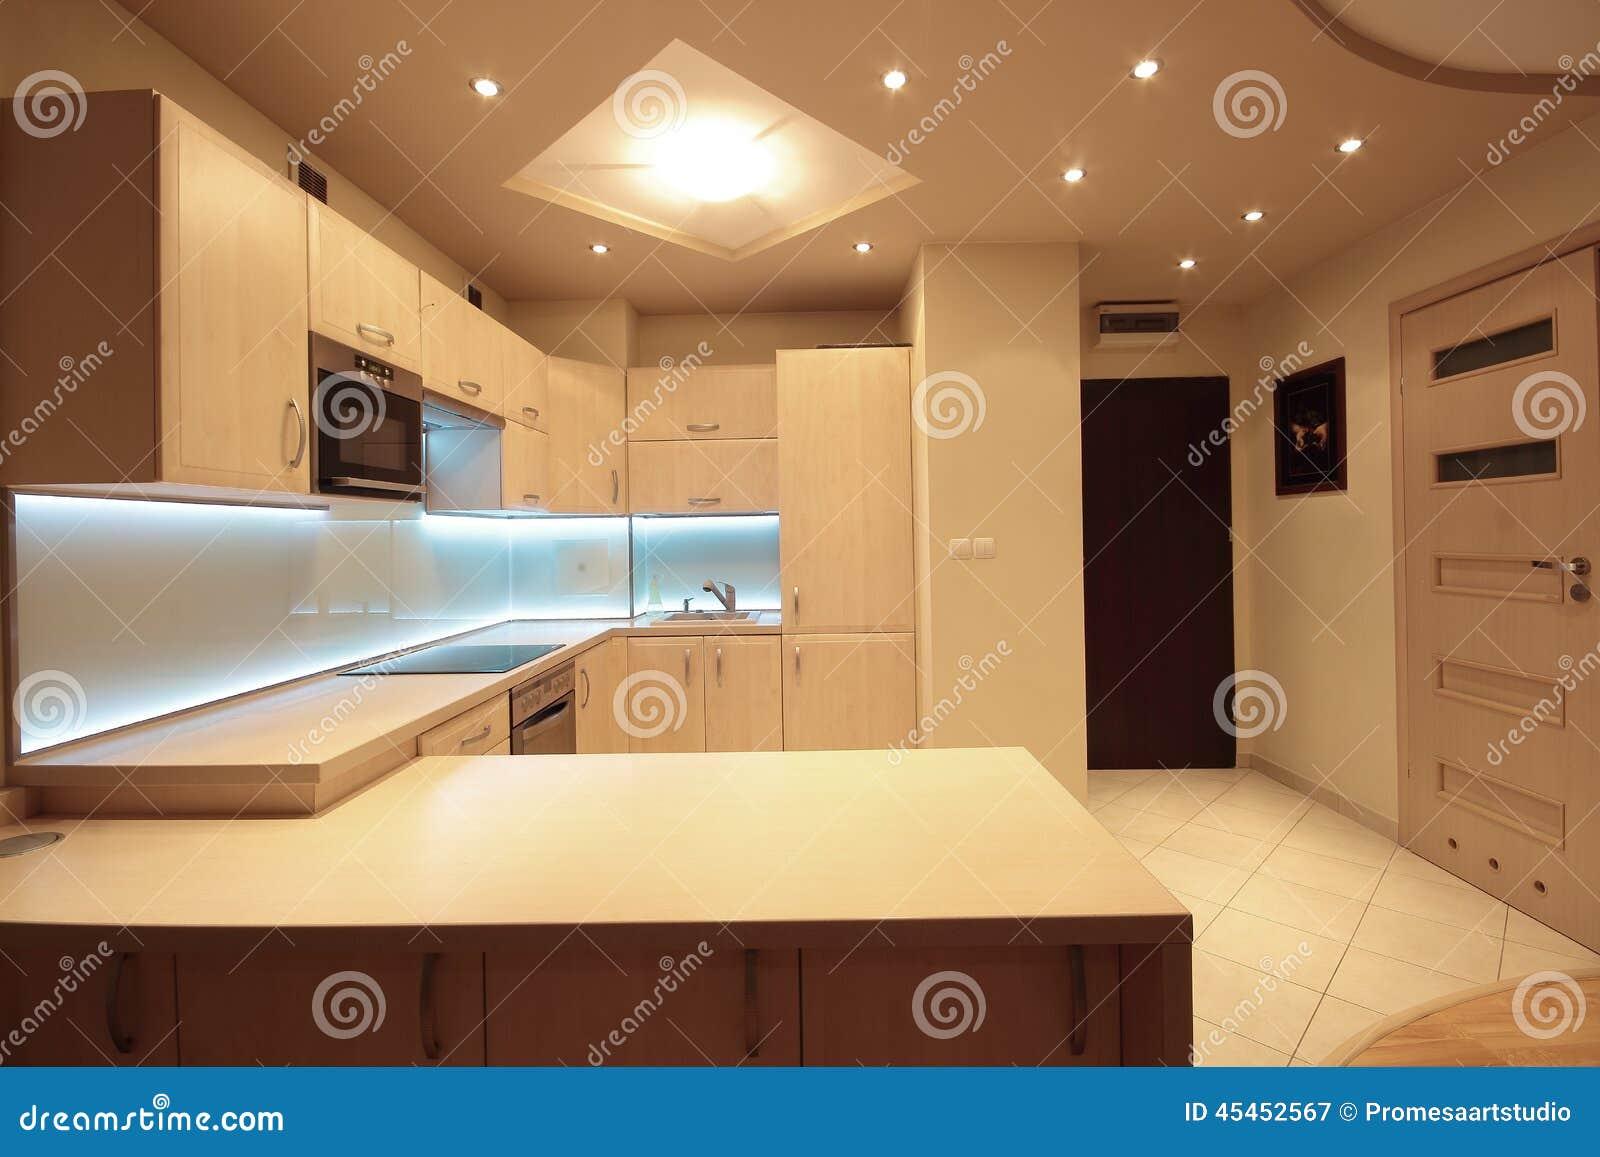 Cocina De Lujo Moderna Con La Iluminacion Blanca Del Led Imagen De - Iluminacion-en-cocinas-modernas